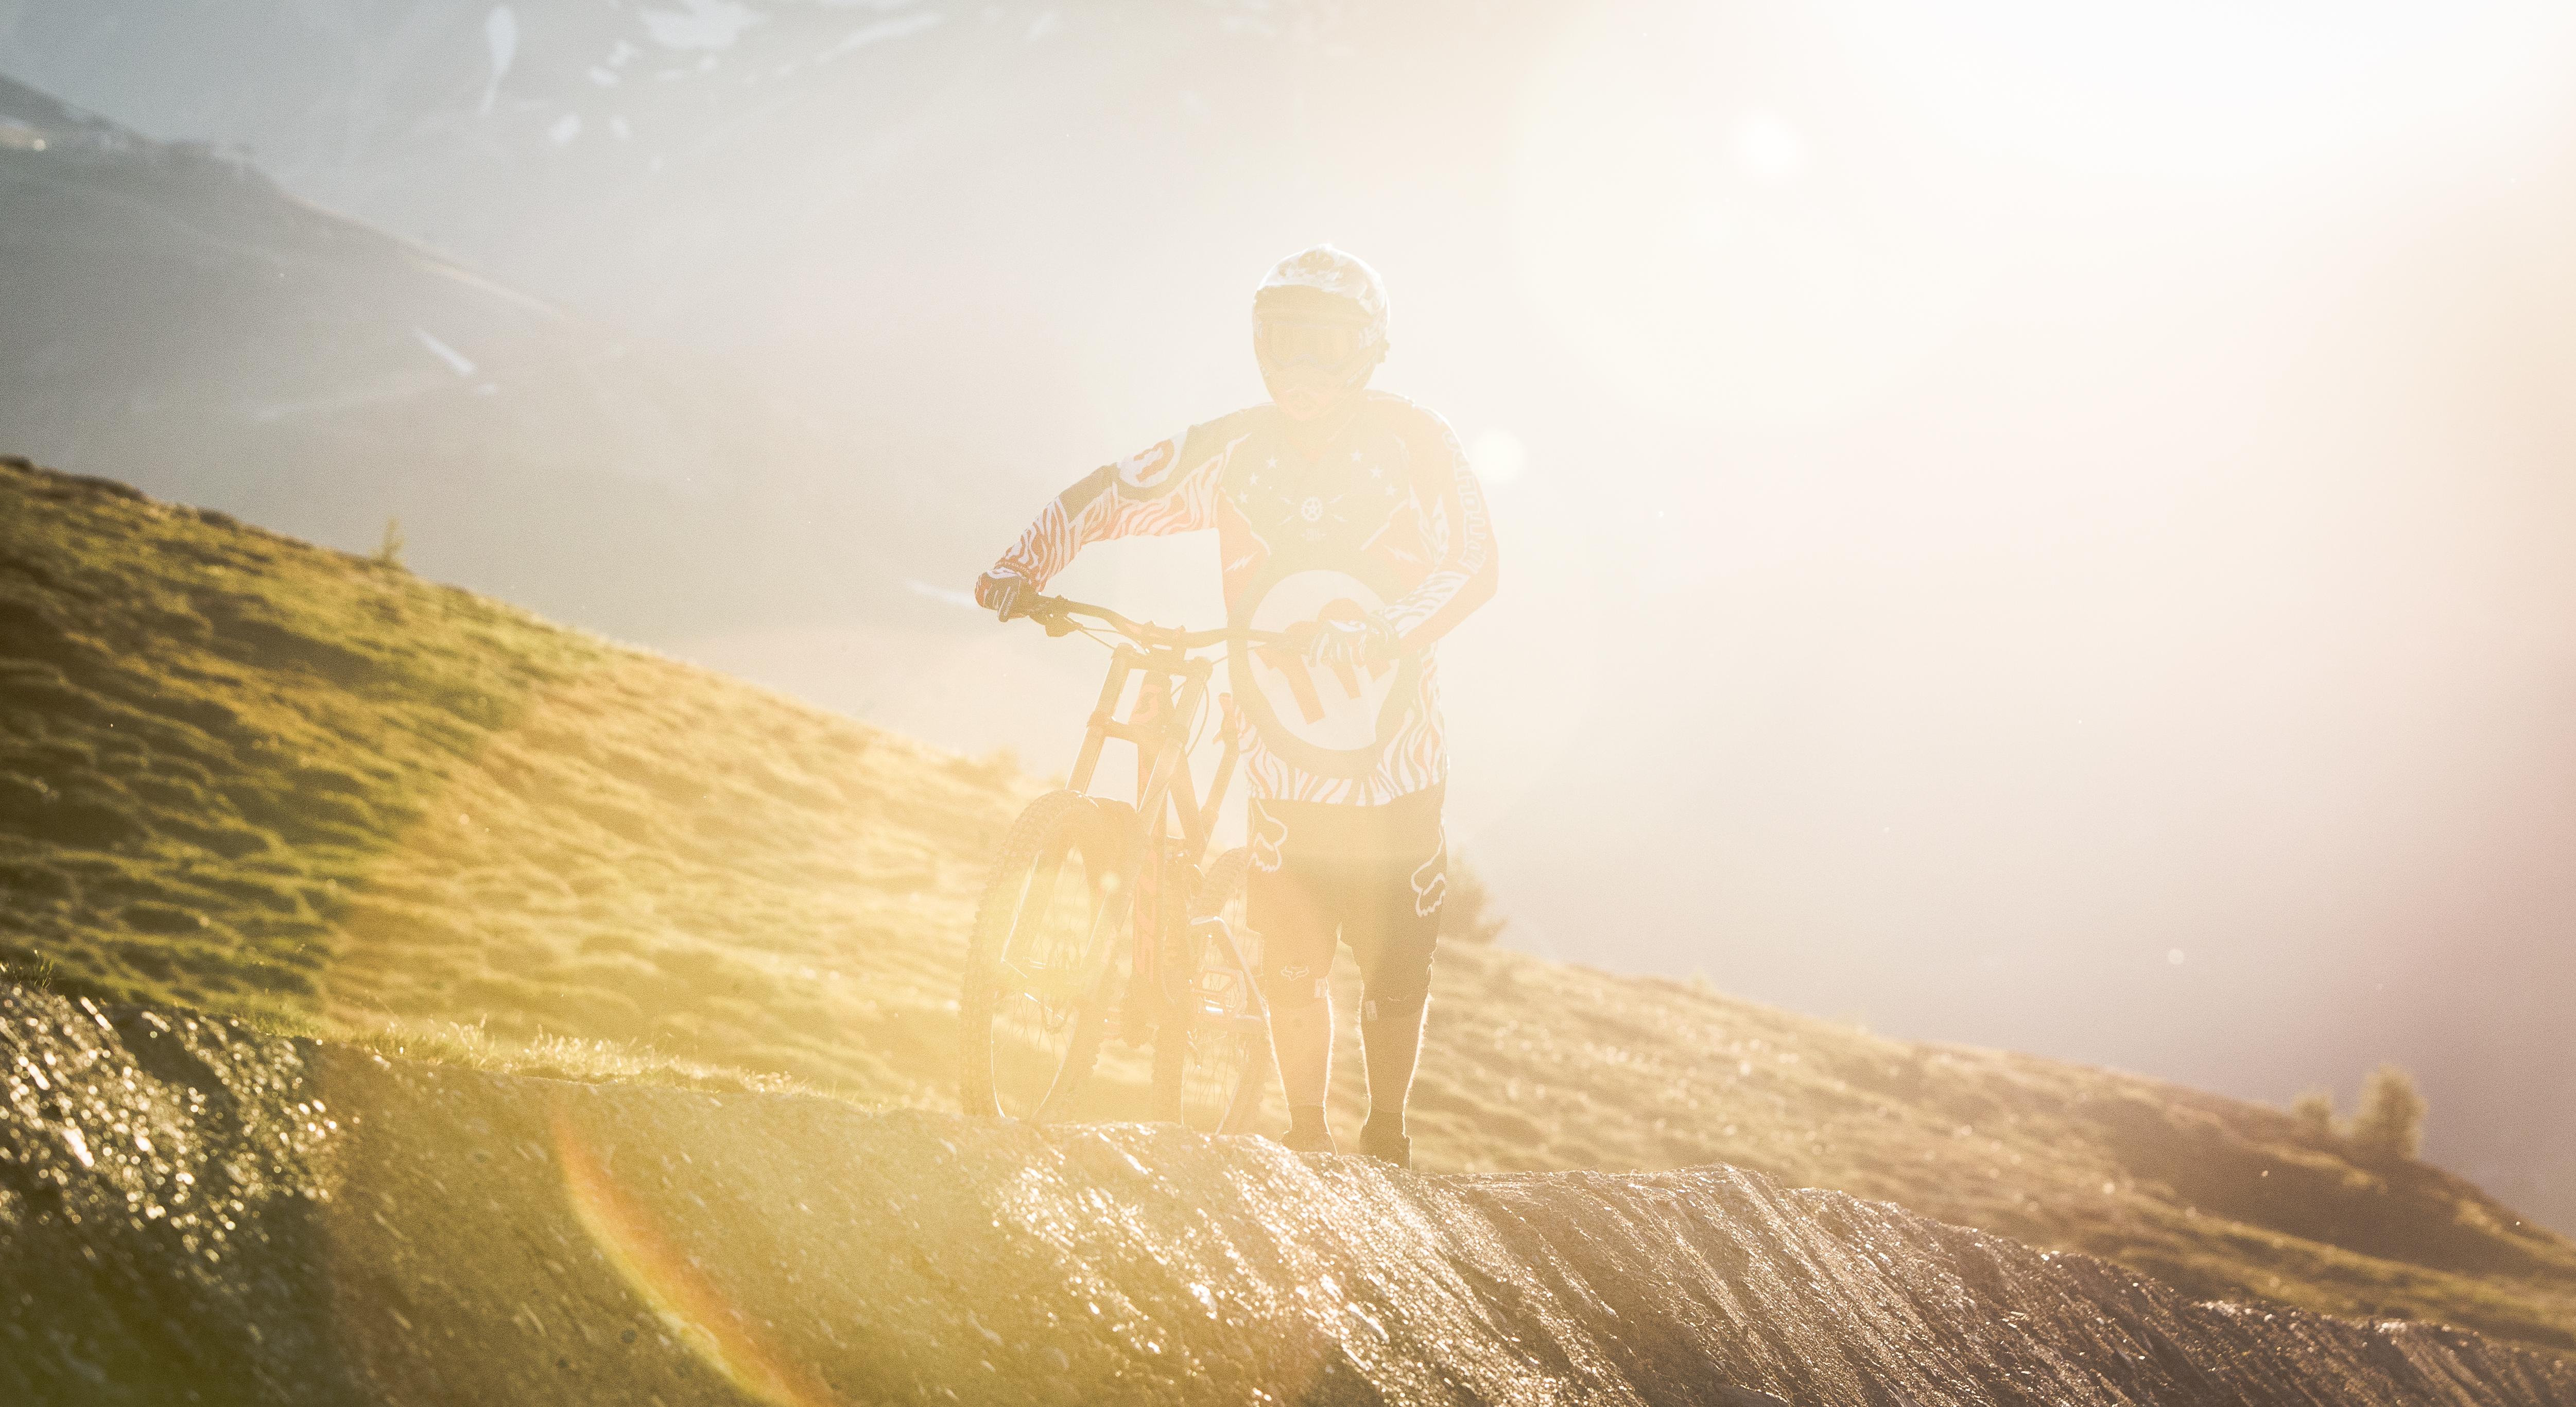 Rider al bikepark Mottolino durante giornata soleggiata